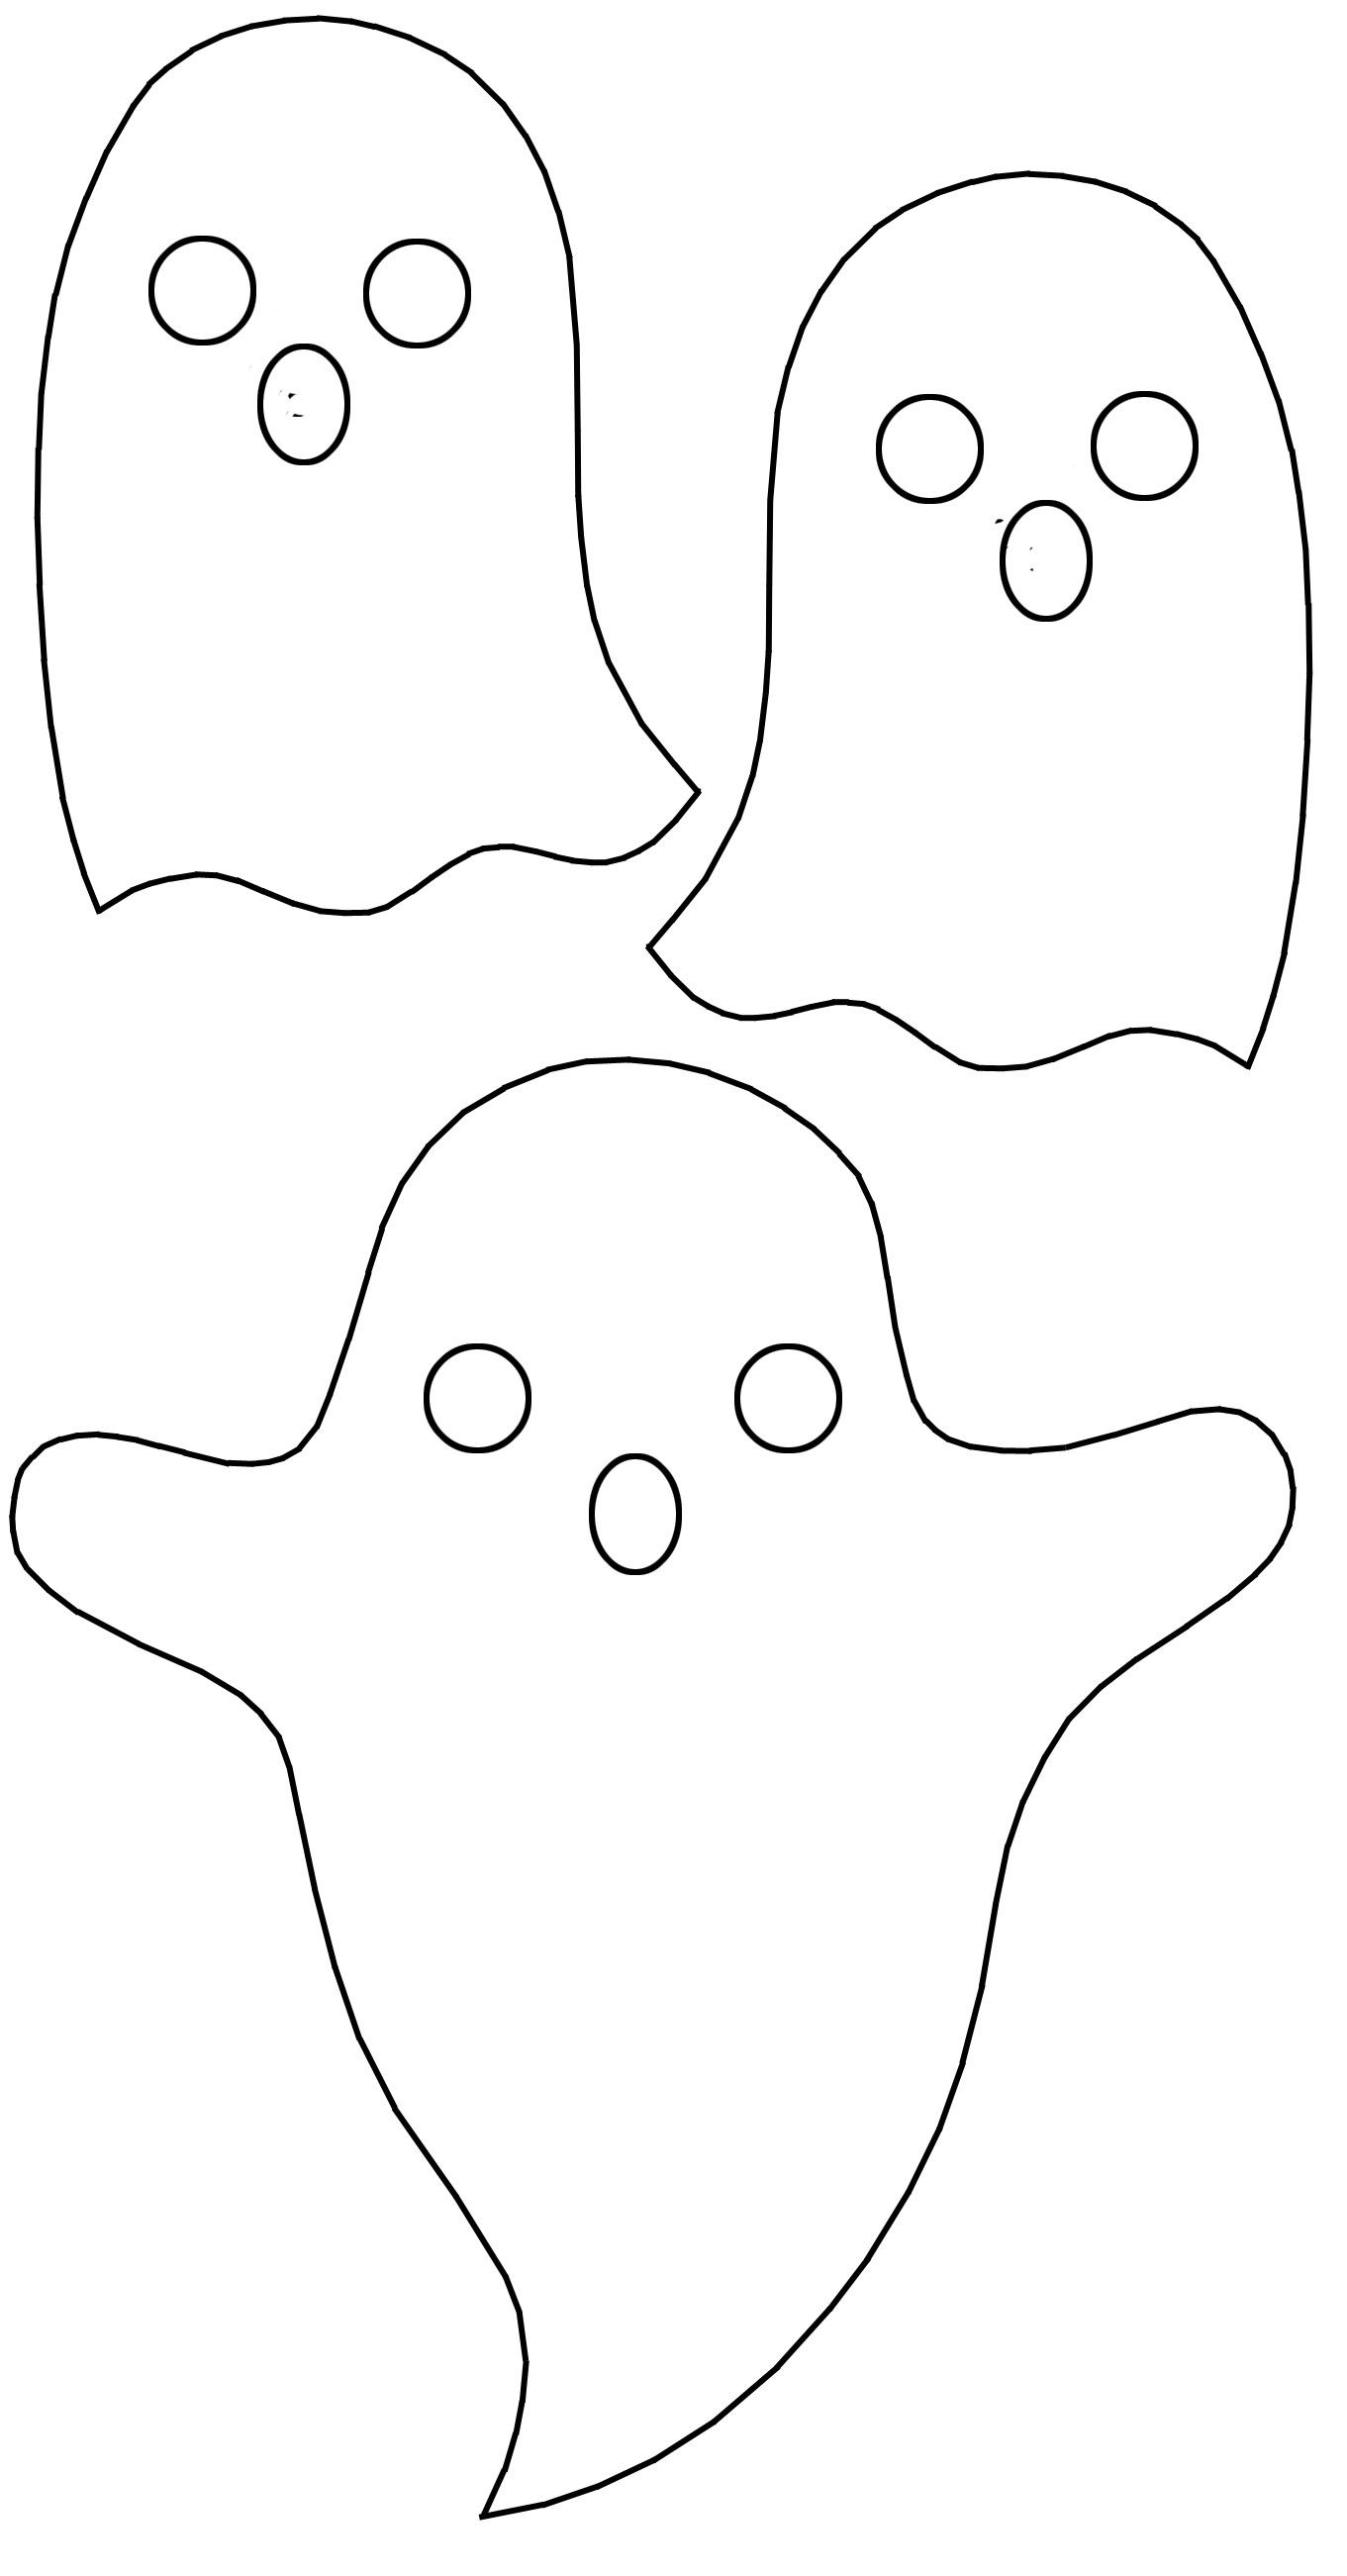 Créer De Terrifiant Marque-Page Fantôme   L'Atelier Canson encequiconcerne Dessin Fantome